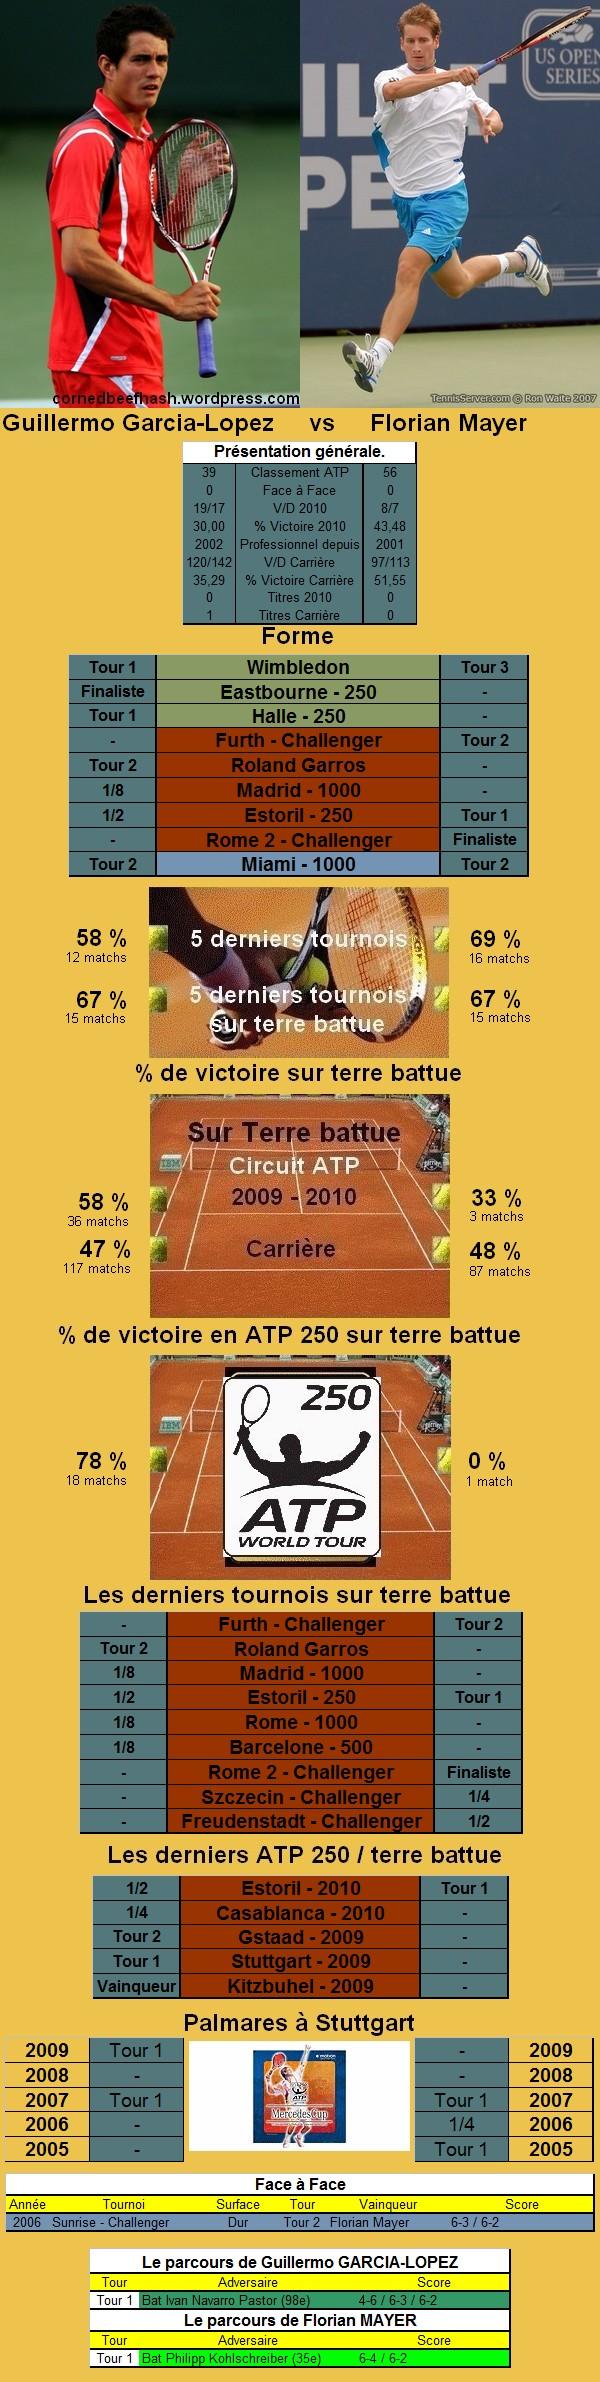 Statistiques tennis de Garcia Lopez contre Mayer à Stuttgart